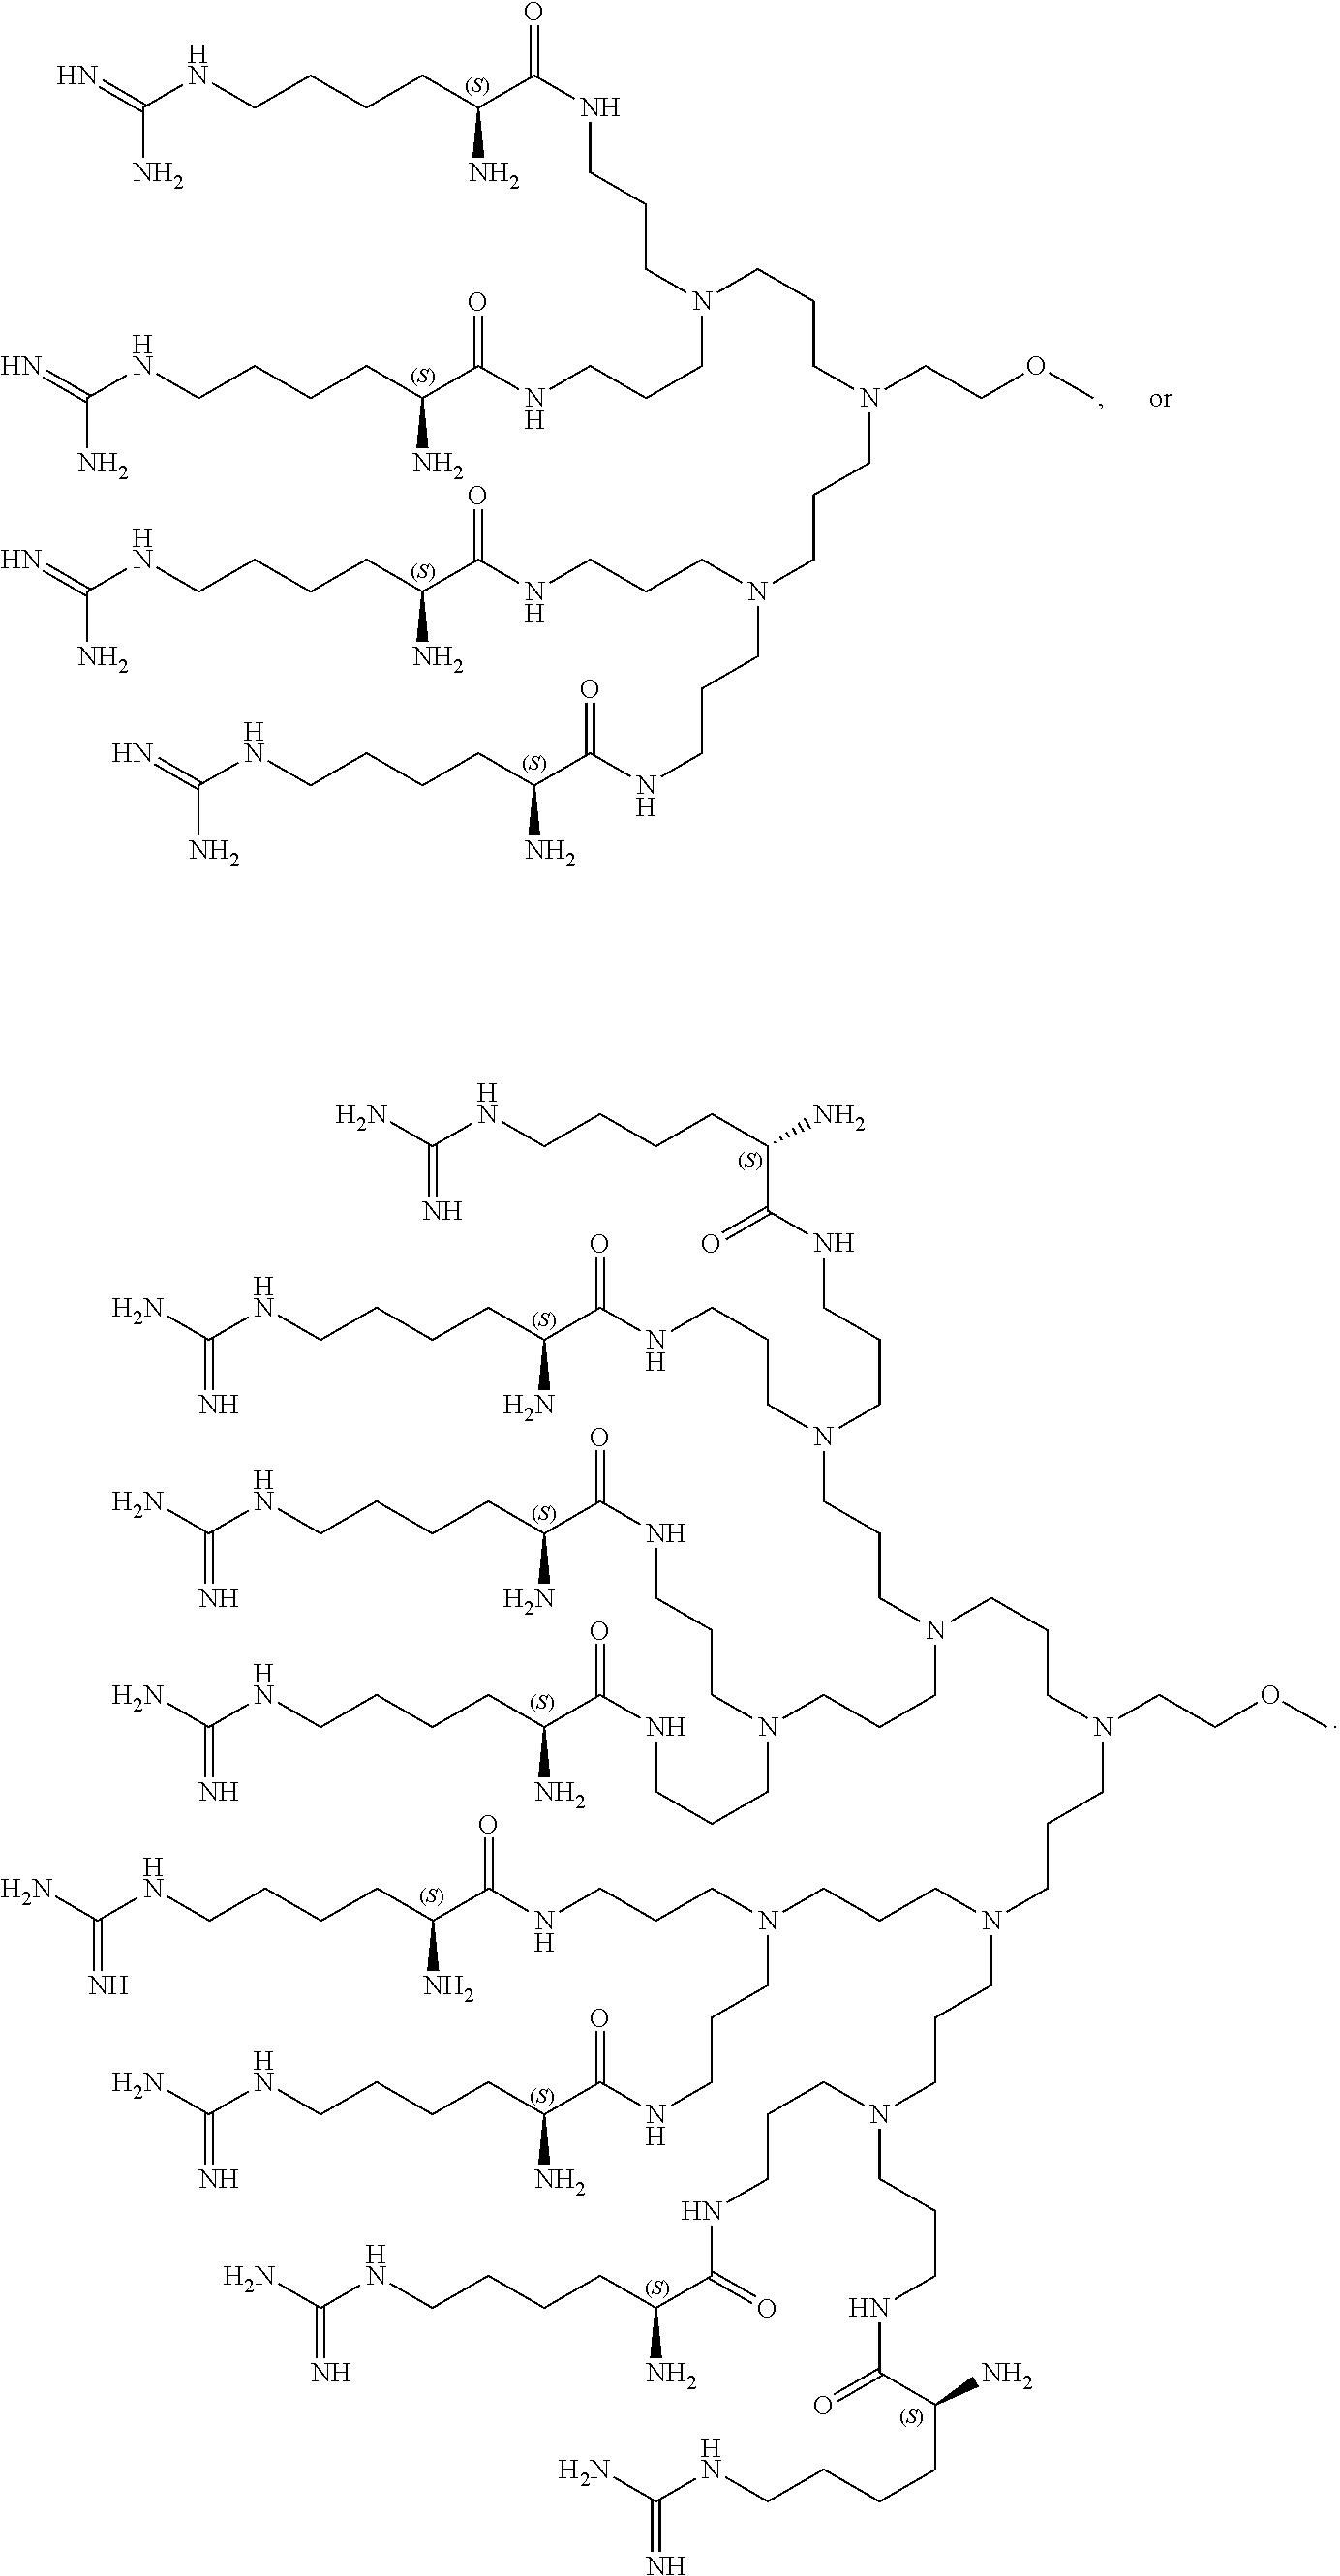 Figure US08980898-20150317-C00050